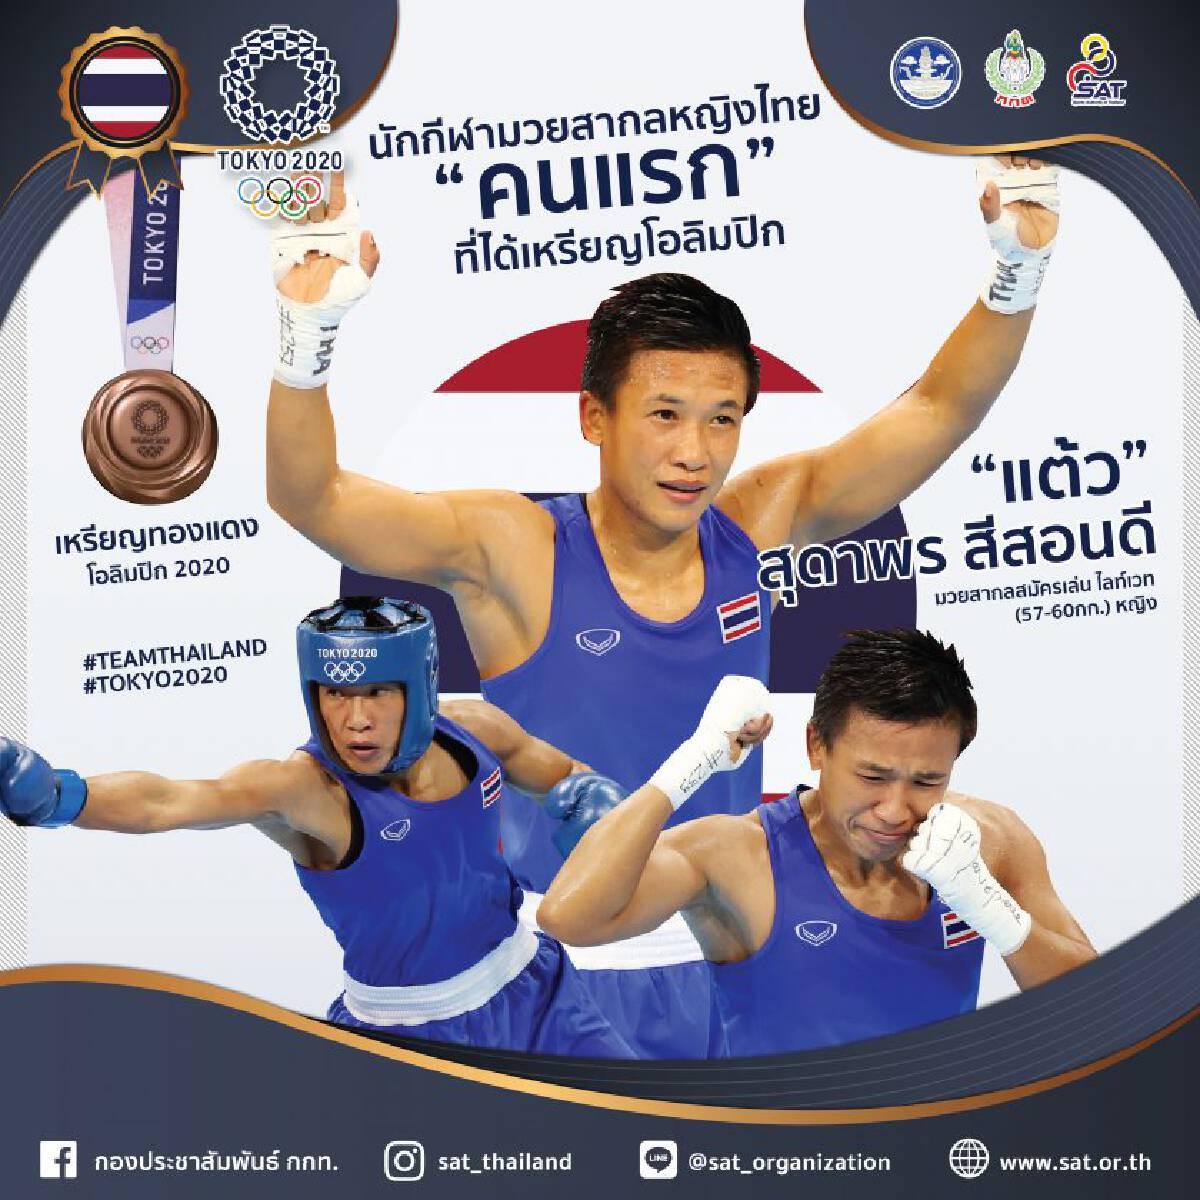 """""""สุดาพร สีสอนดี"""" คว้าเหรียญทองแดง """"โอลิมปิก"""" ประวัติศาสตร์ใหม่ทีมกำปั้นไทย"""